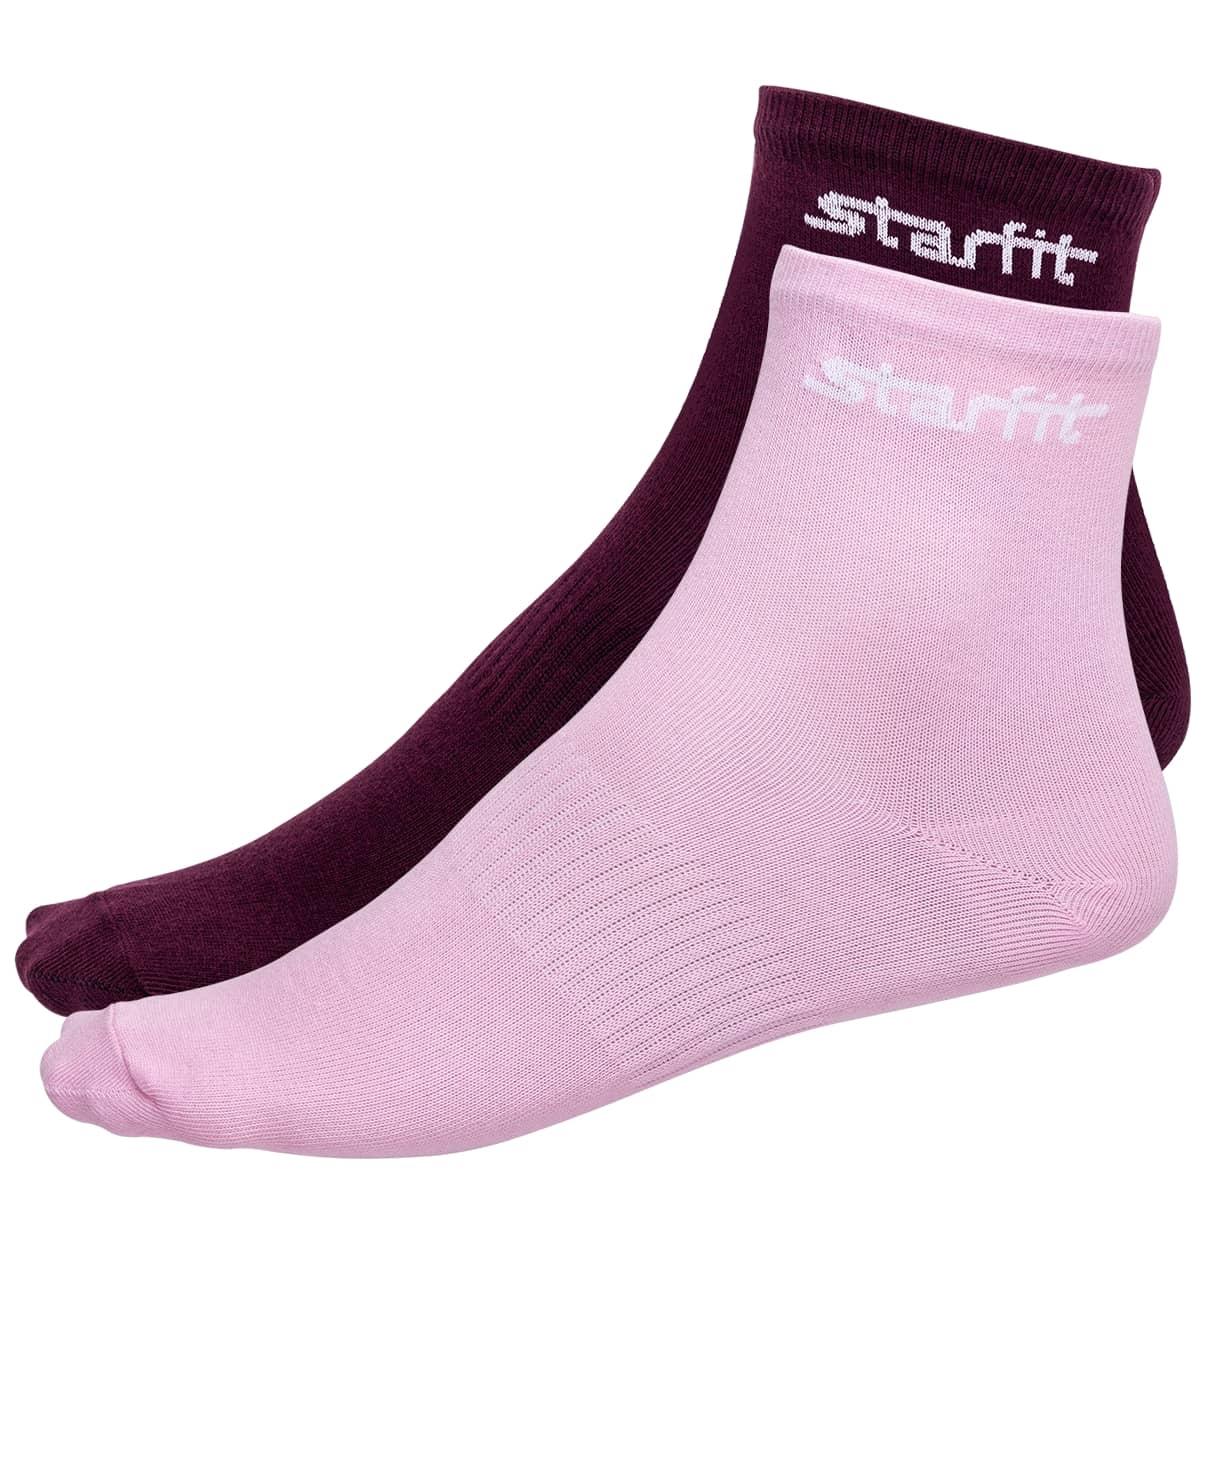 Носки средние SW-206, бордовый/светло-розовый, 2 пары